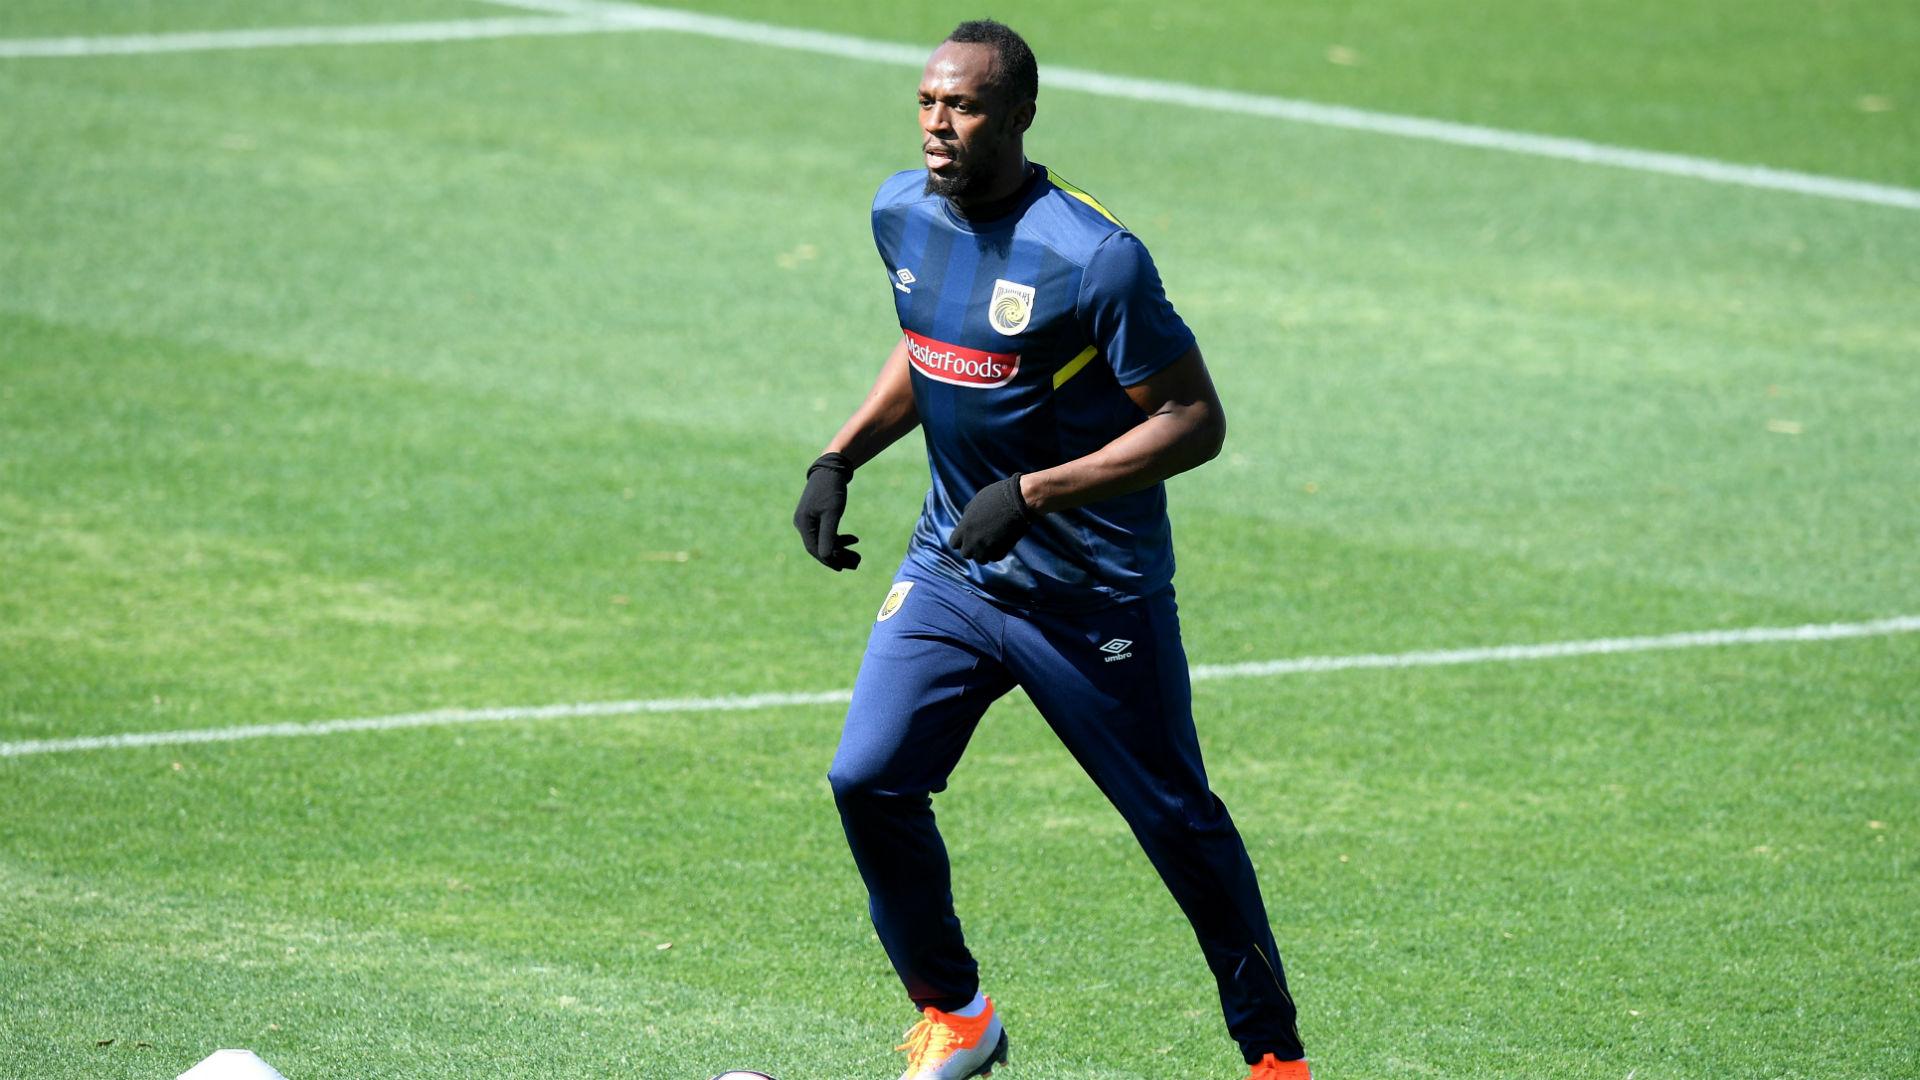 Usain Bolt Rozpoczął Treningi W Australijskim Zespole Central Coast